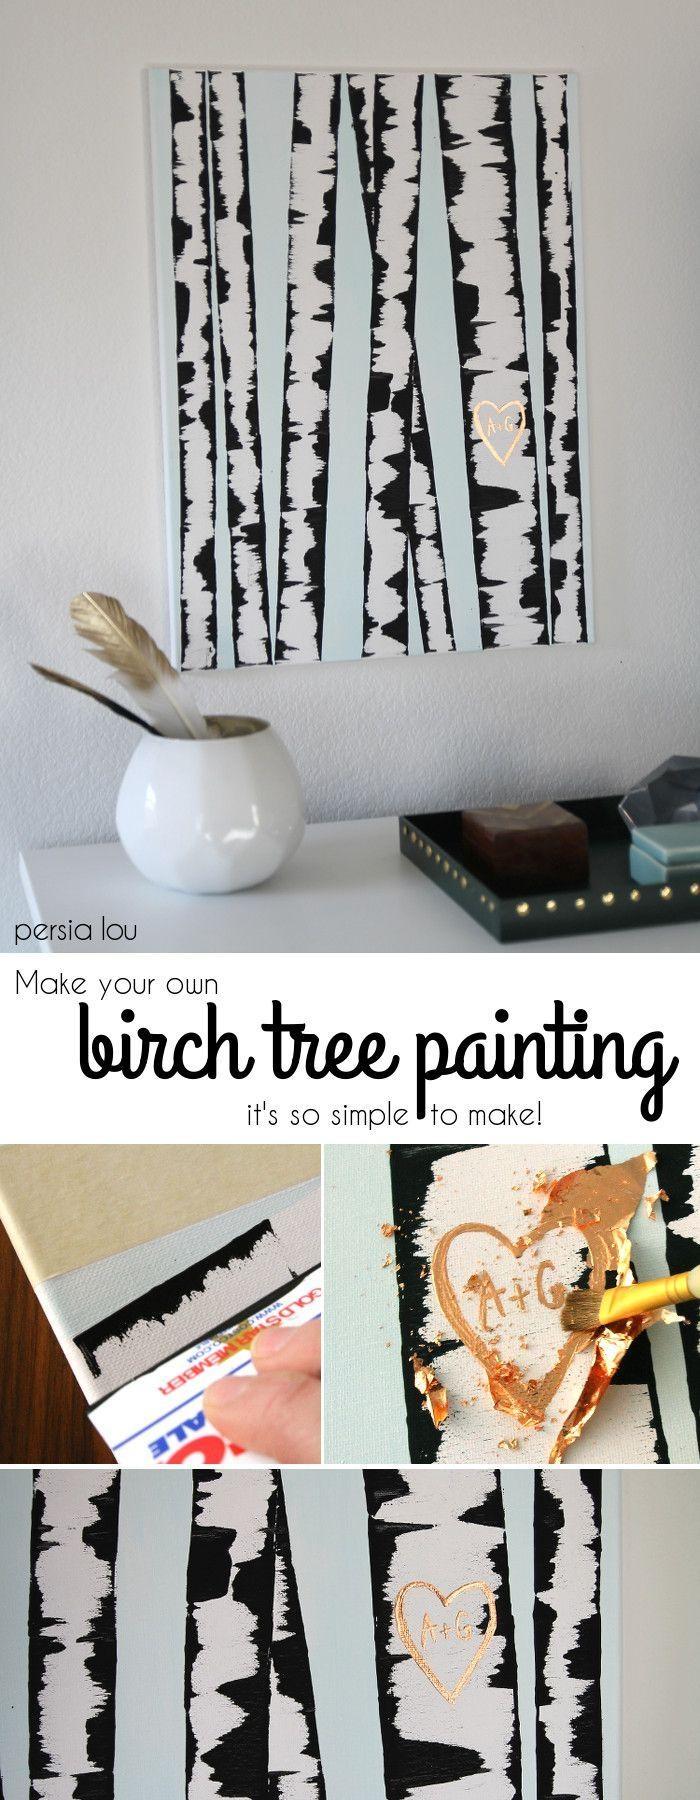 Best 25+ Diy Canvas Art Ideas On Pinterest | Diy Canvas, Diy With Diy Pinterest Canvas Art (Image 13 of 20)